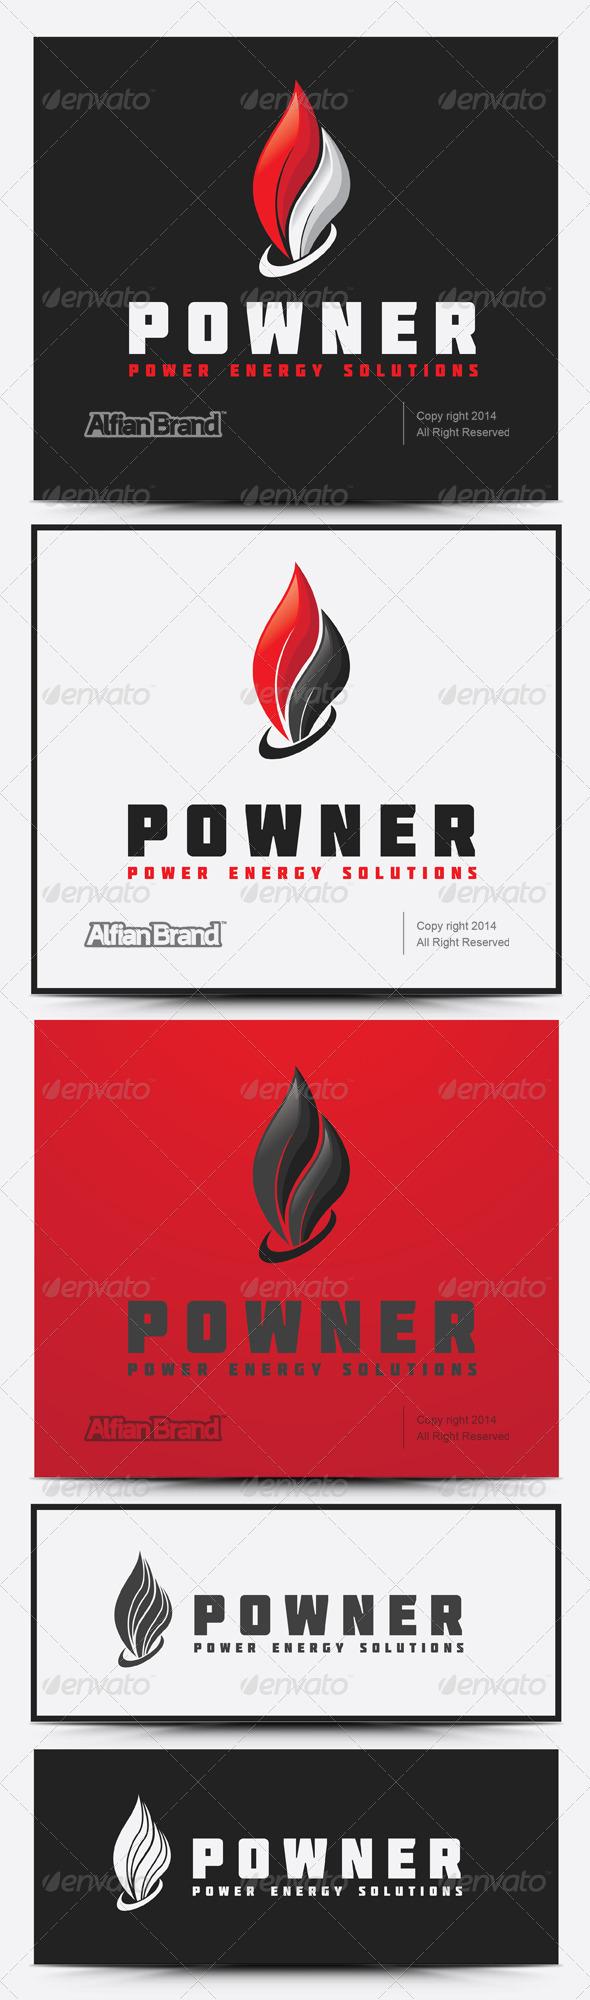 GraphicRiver Power Energy Logo 7938364